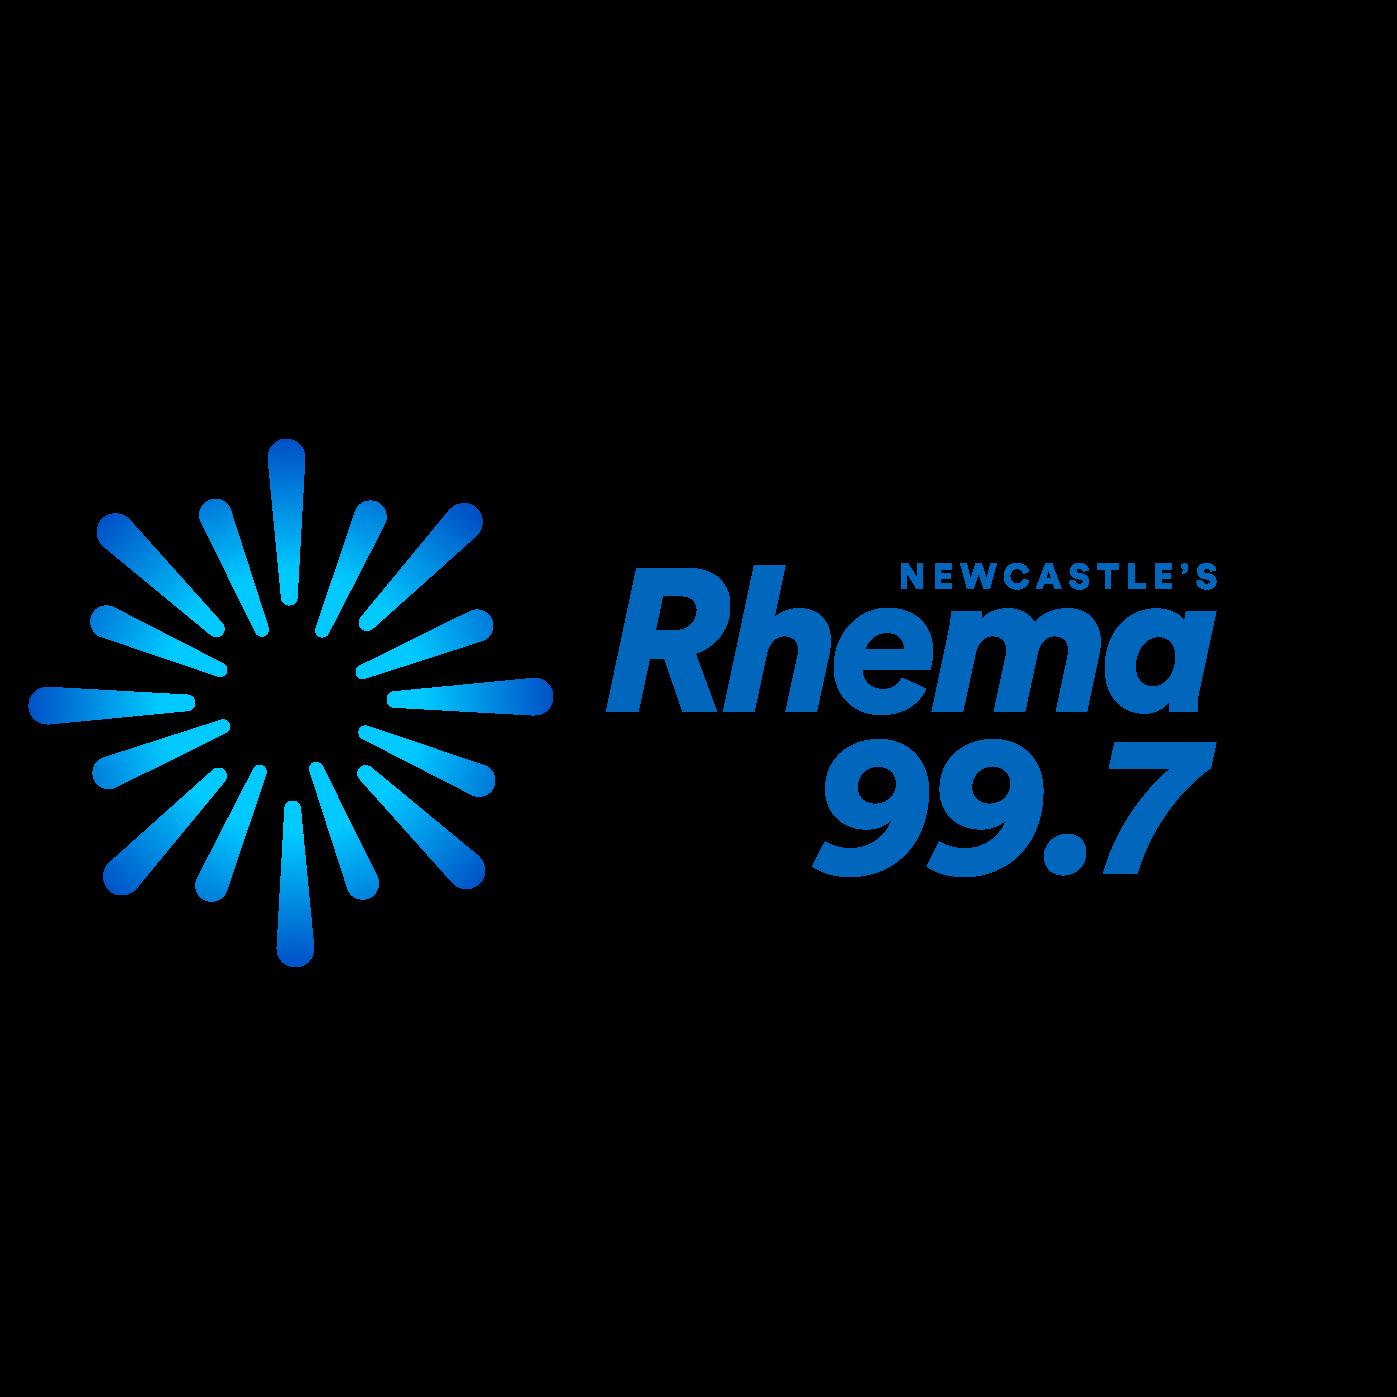 99.7 Rhema FM Newcastle